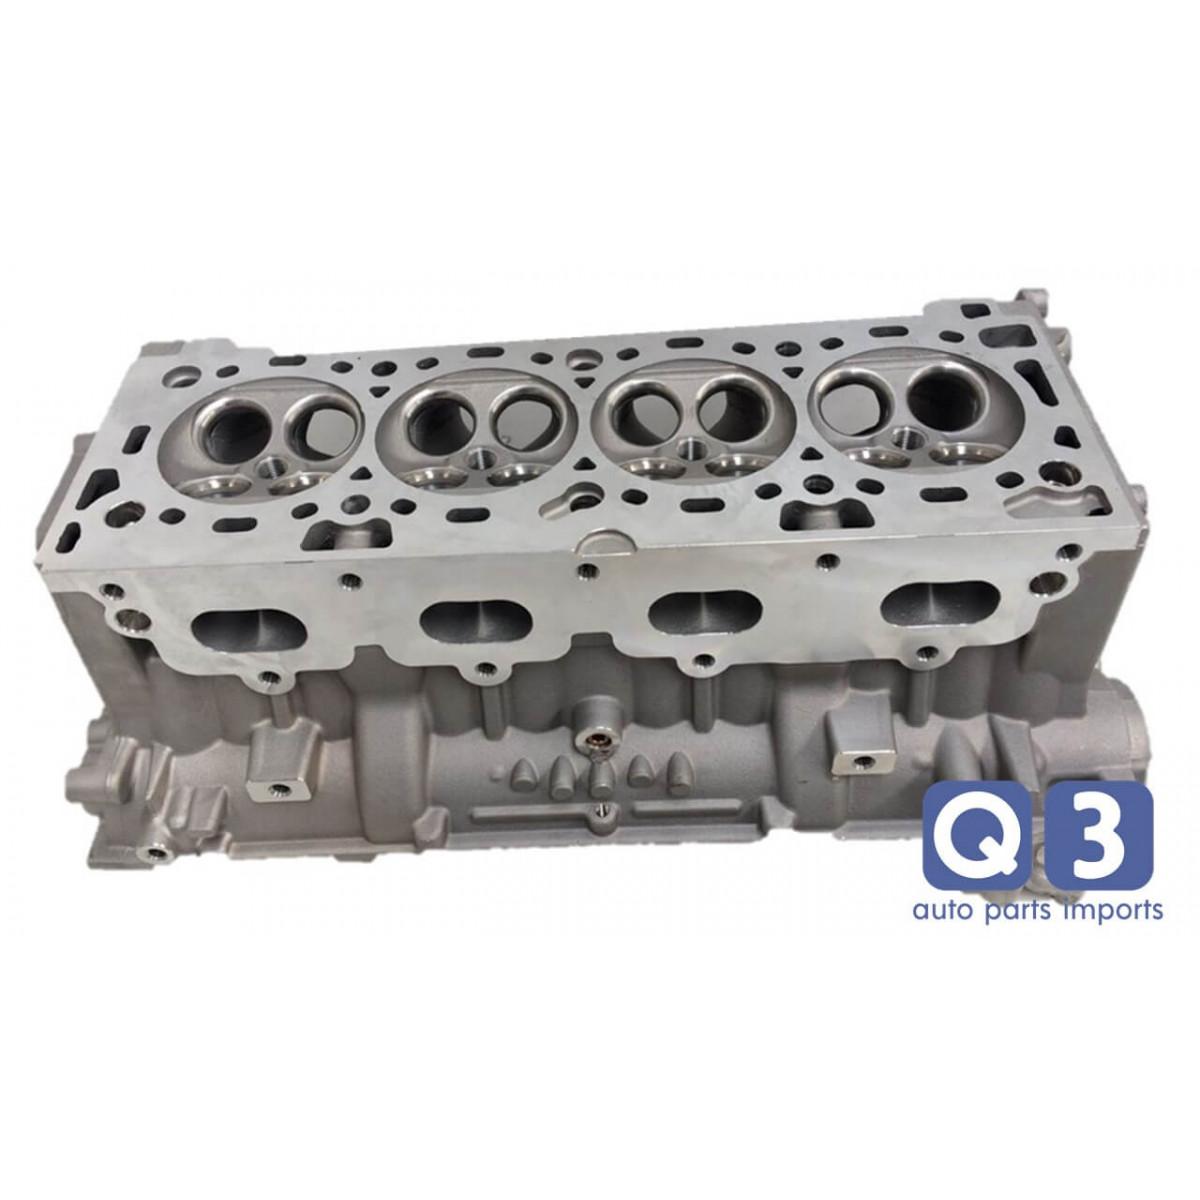 Cabeçote GM Chevrolet Cruze 1.8 16V Novo (55568116)